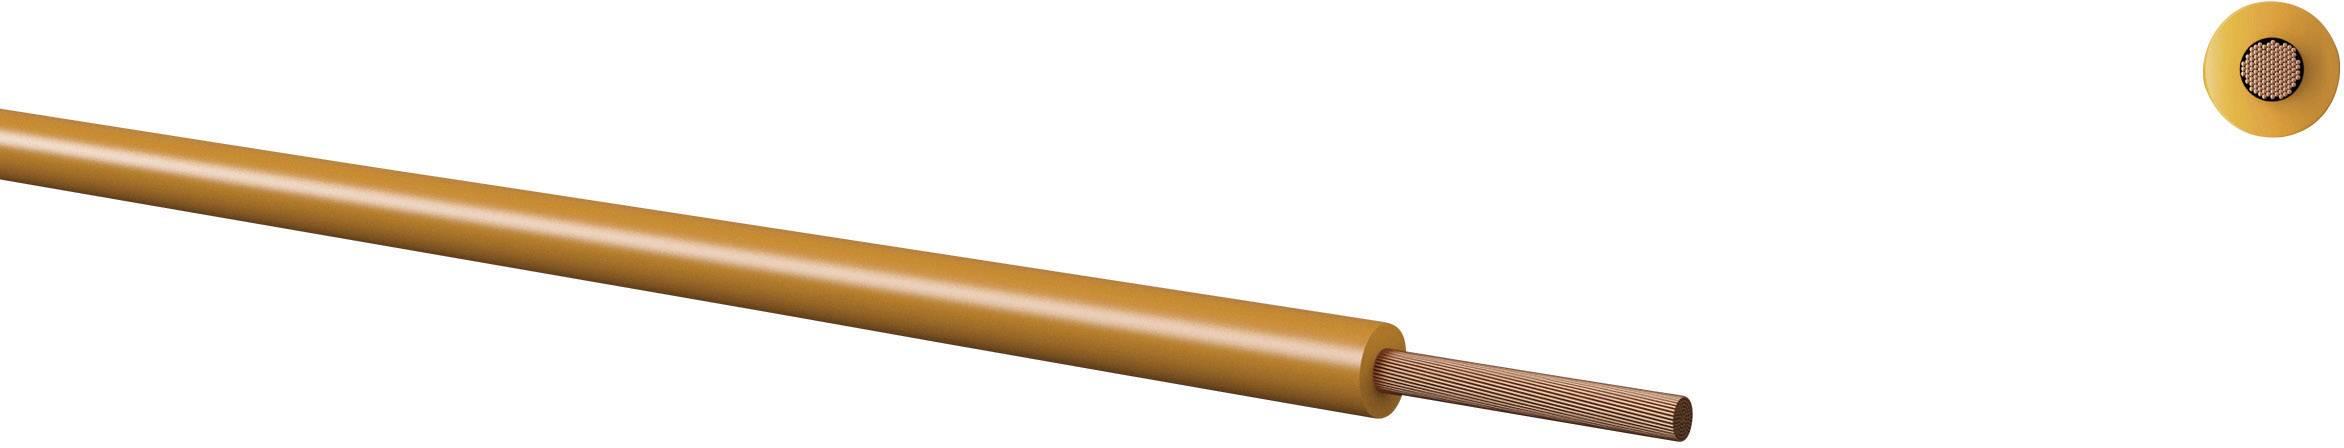 Opletenie / lanko Kabeltronik 160105009 LiFY, 1 x 0.50 mm², vonkajší Ø 2 mm, metrový tovar, čierna